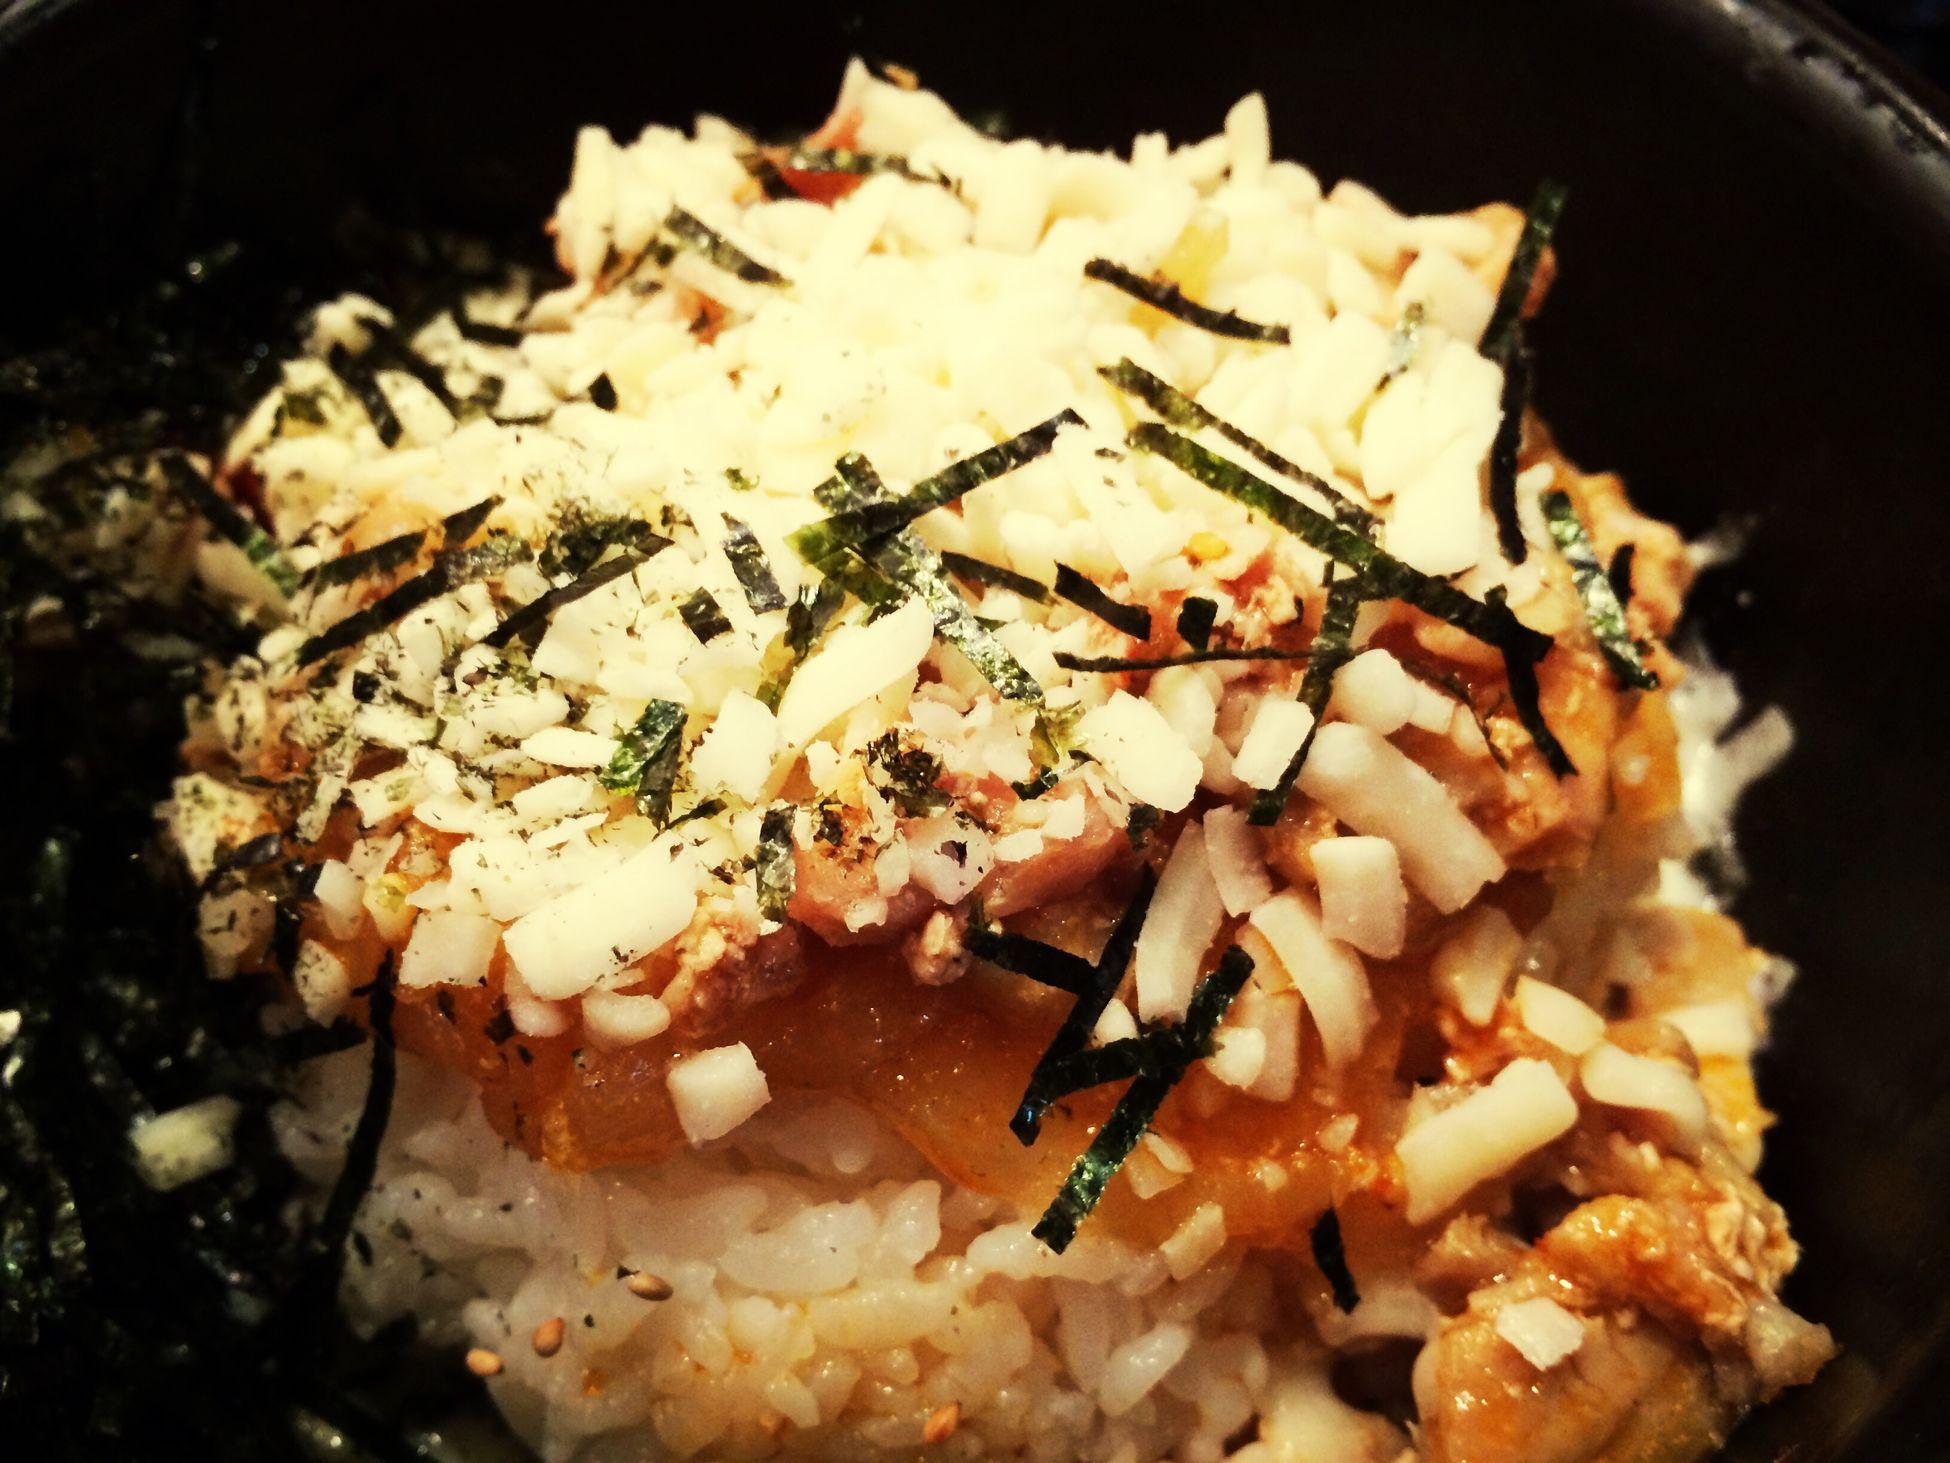 The Korean lunch... 暑いけど石焼ビビンバランチ。ネギ抜いたのにタマネギがいっぱいだった orz